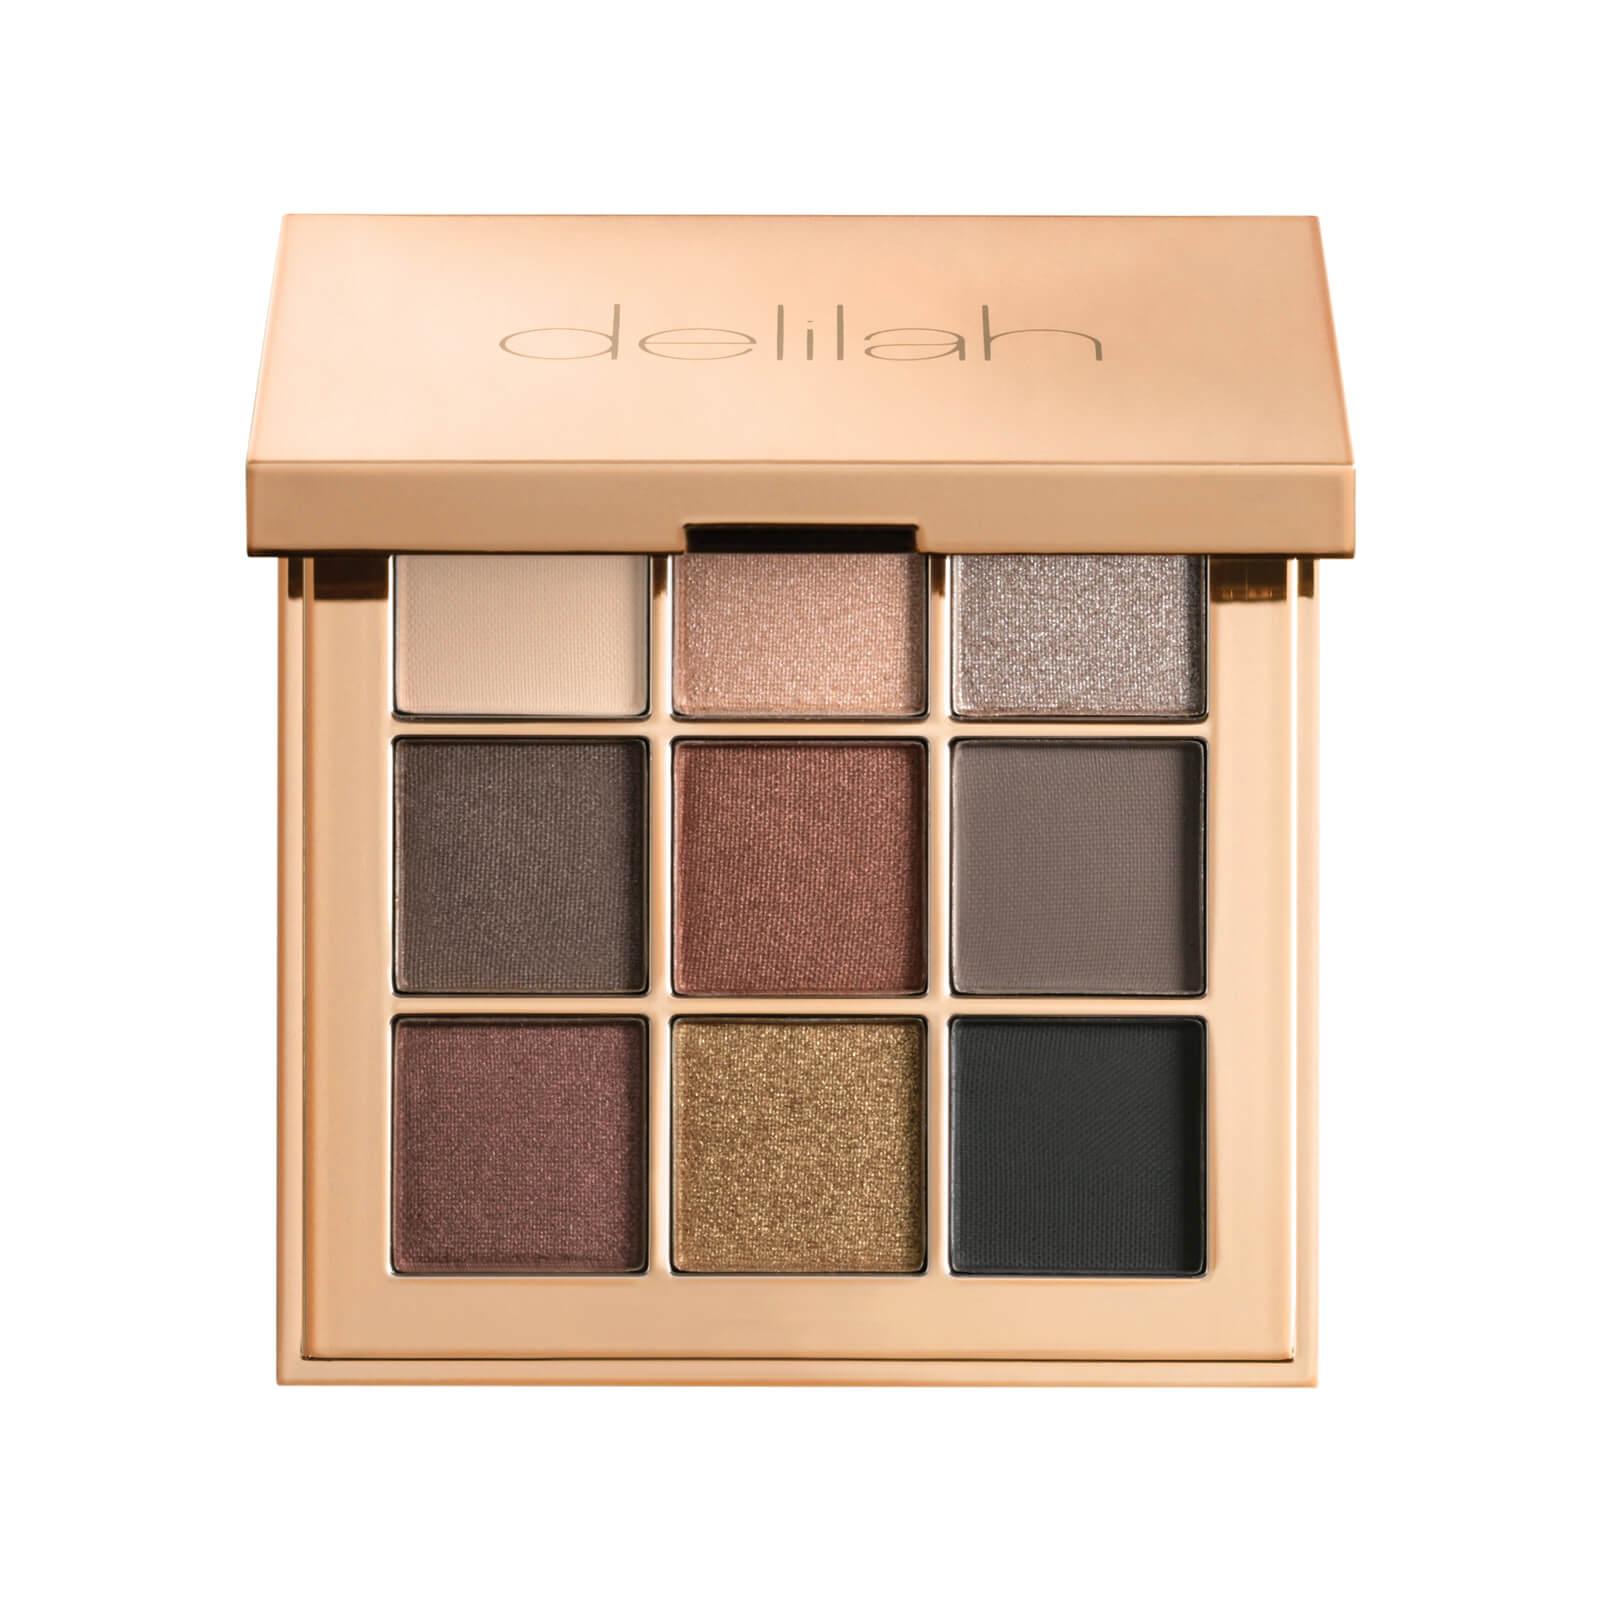 Купить Delilah Colour Intense Eyeshadow Palette - Damsel